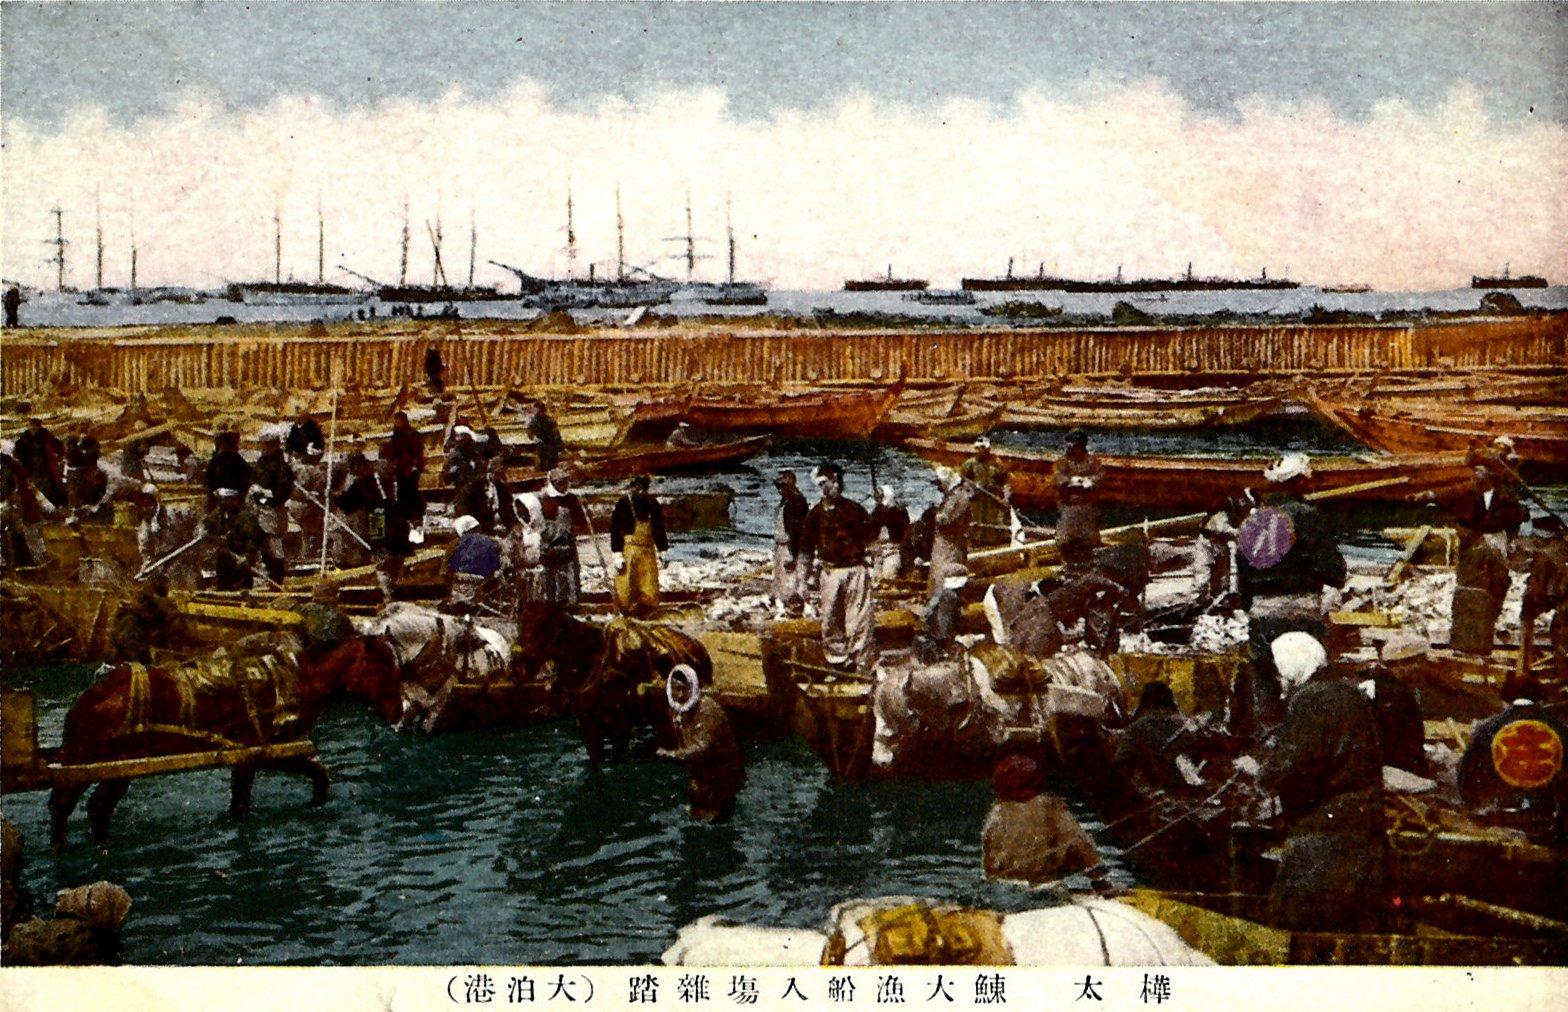 Отомари. Перегрузка сельди в порту Отомари (1930-1935 гг.)